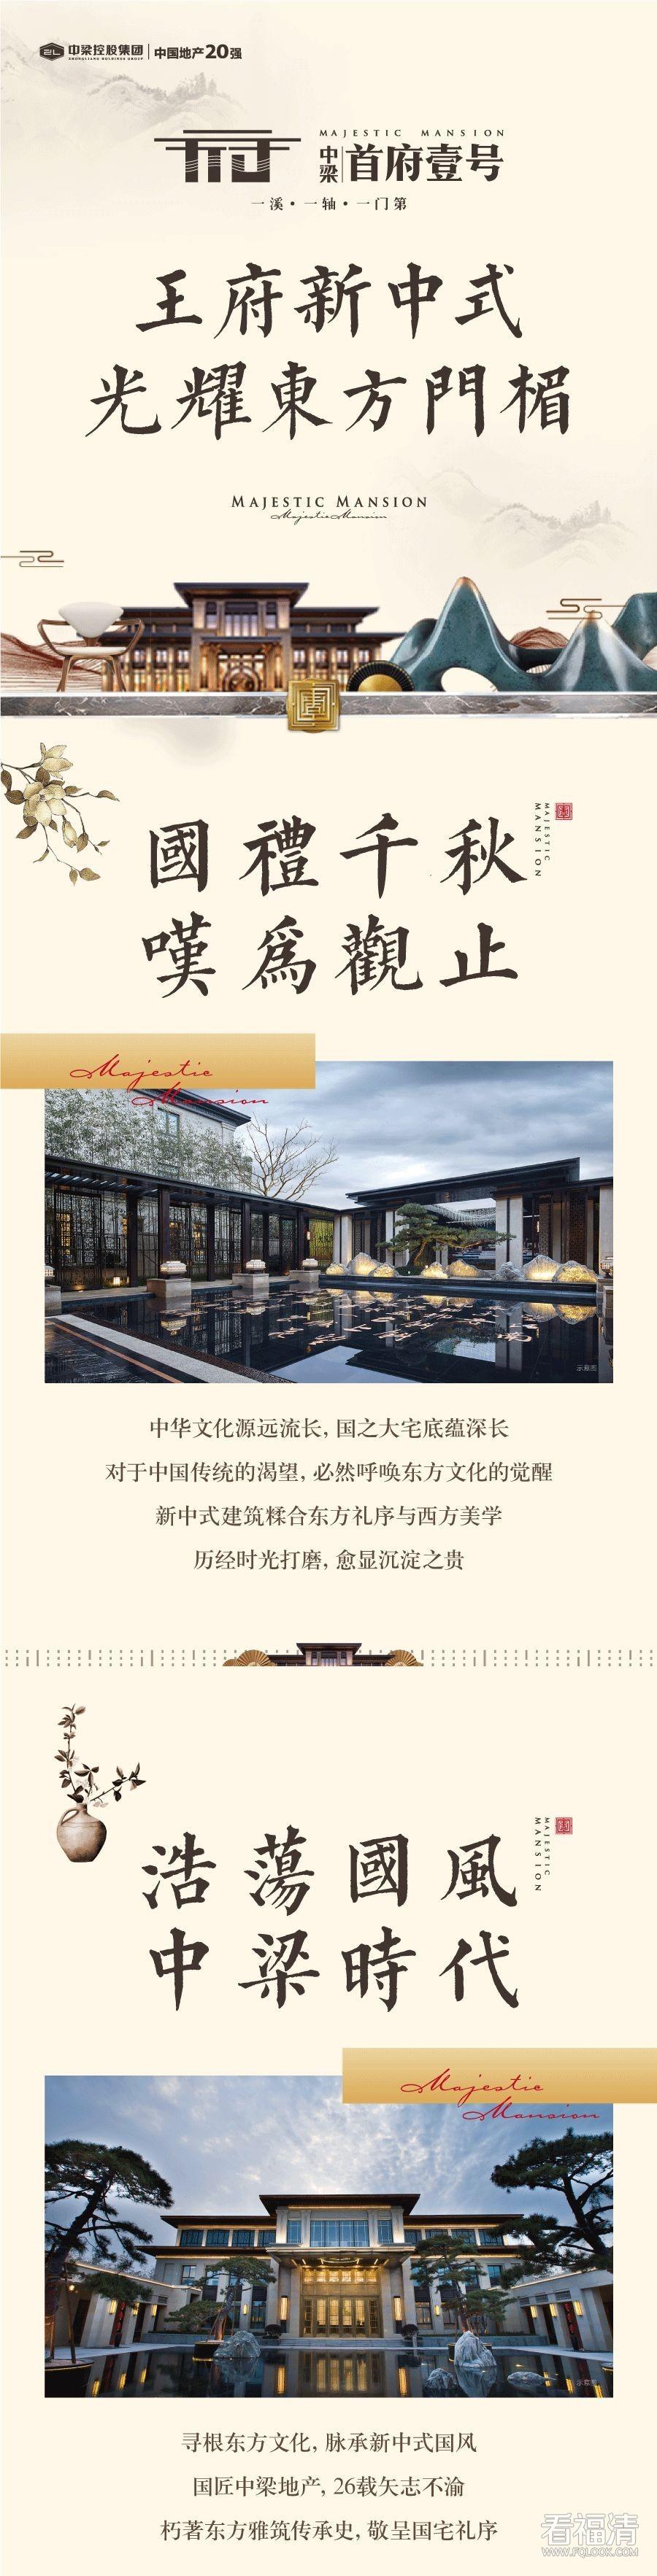 福清又一个新中式风格楼盘设计图流出……